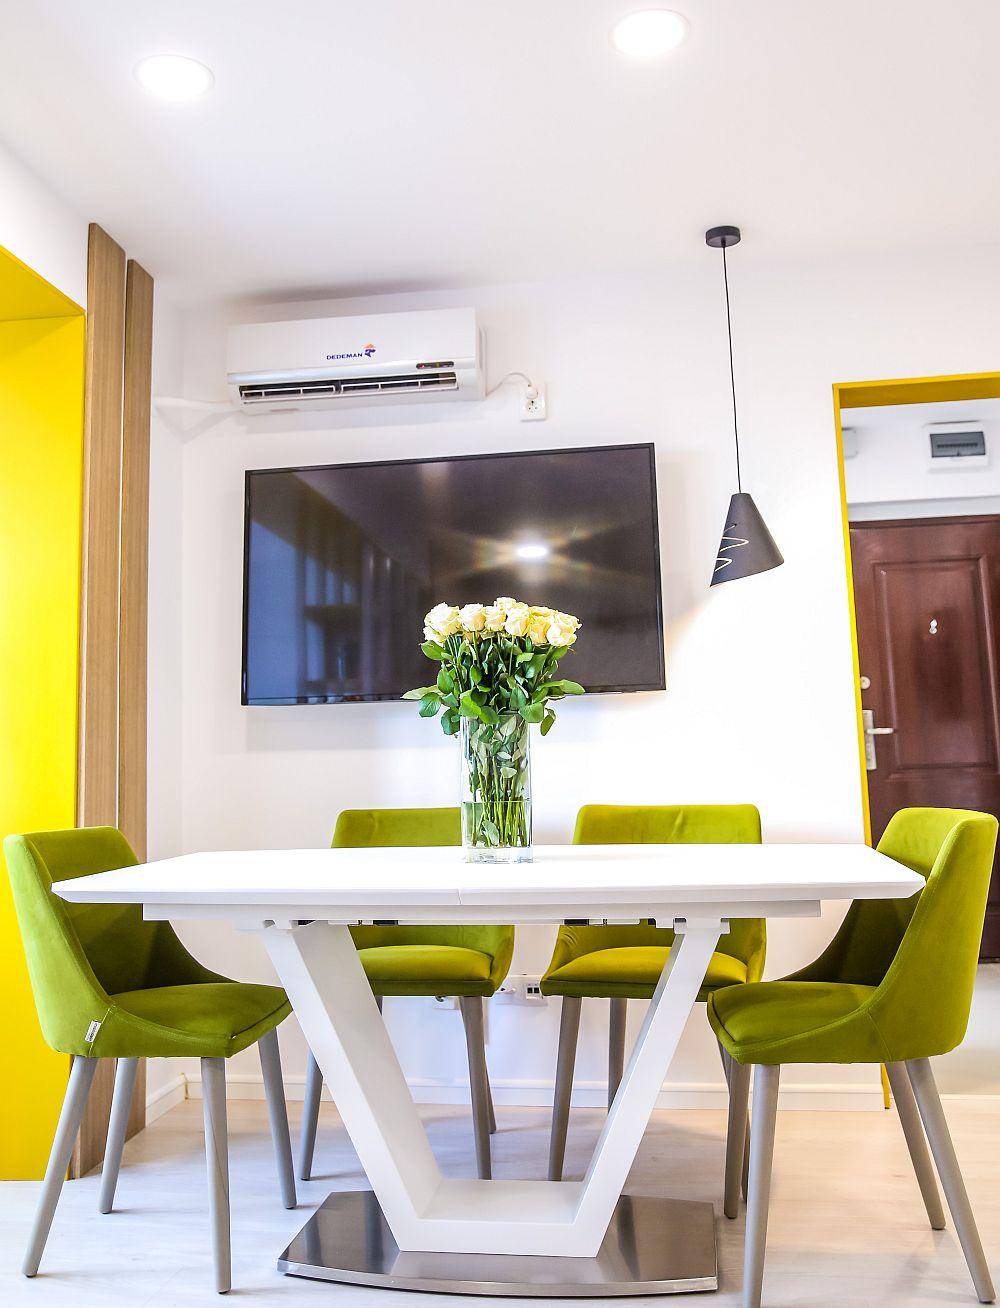 La intrarea în living se află locul de luat masa, scaunele sunt de la Dedeman (produse de Mobila Dalin), iar masa este de la kika. Corpurile de iluminat și decorațiunile (covor, perne, obiecte, plante) sunt de la Dedeman.